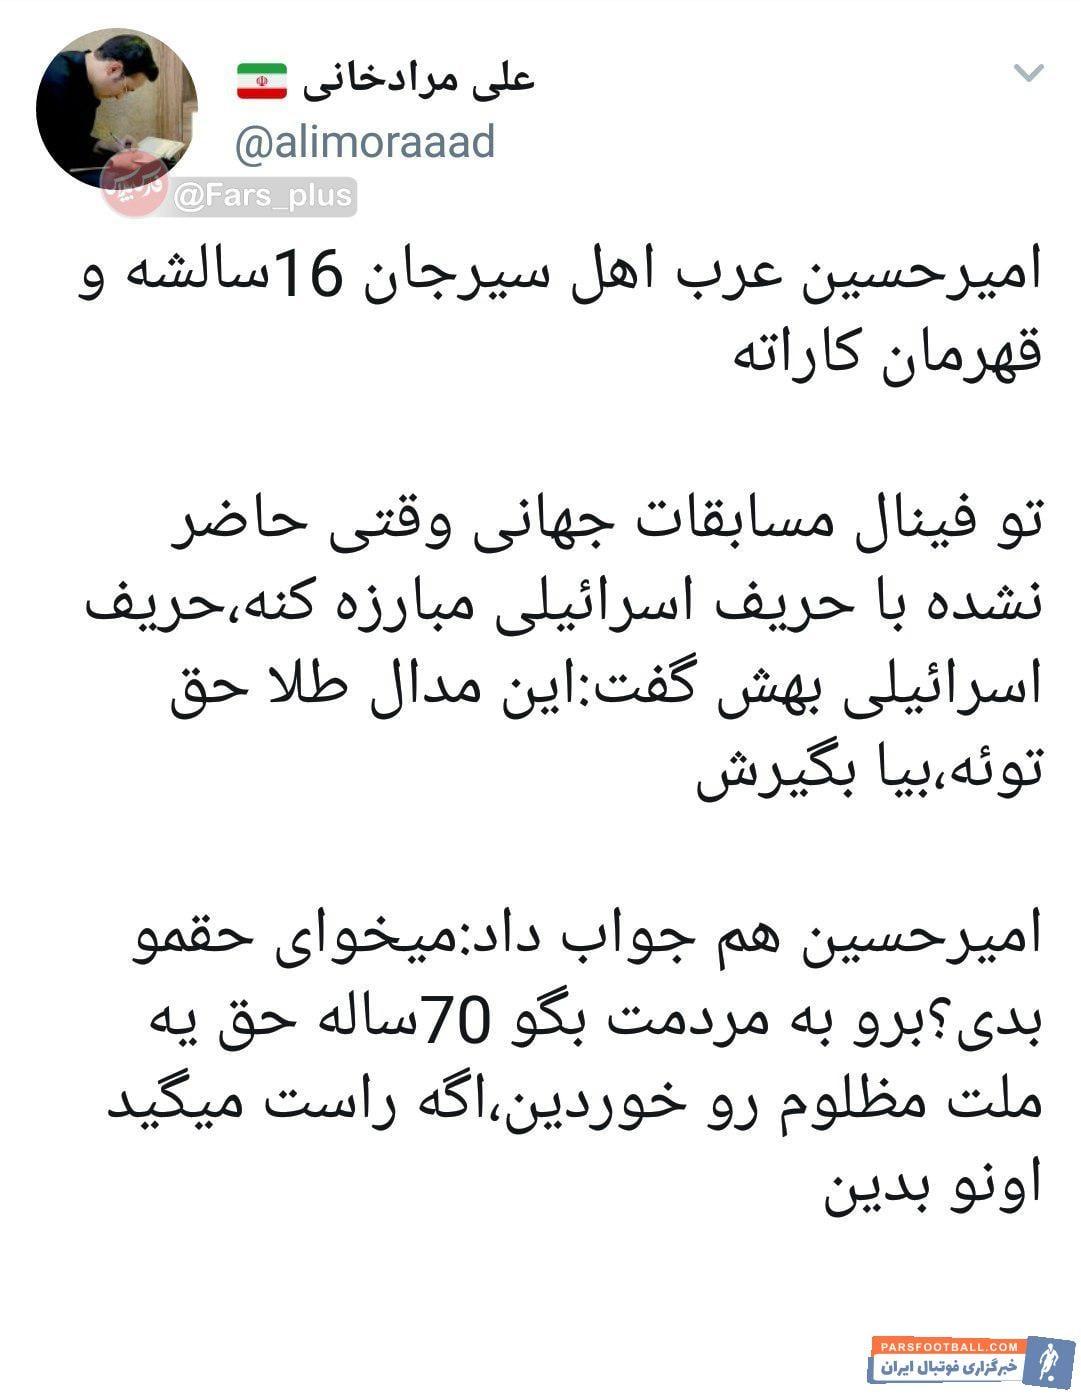 امیر حسین عرب ؛ انصراف امیرحسن عرب از مسابقه با نماینده رژیم صهونیستی در مسابقات کاراته